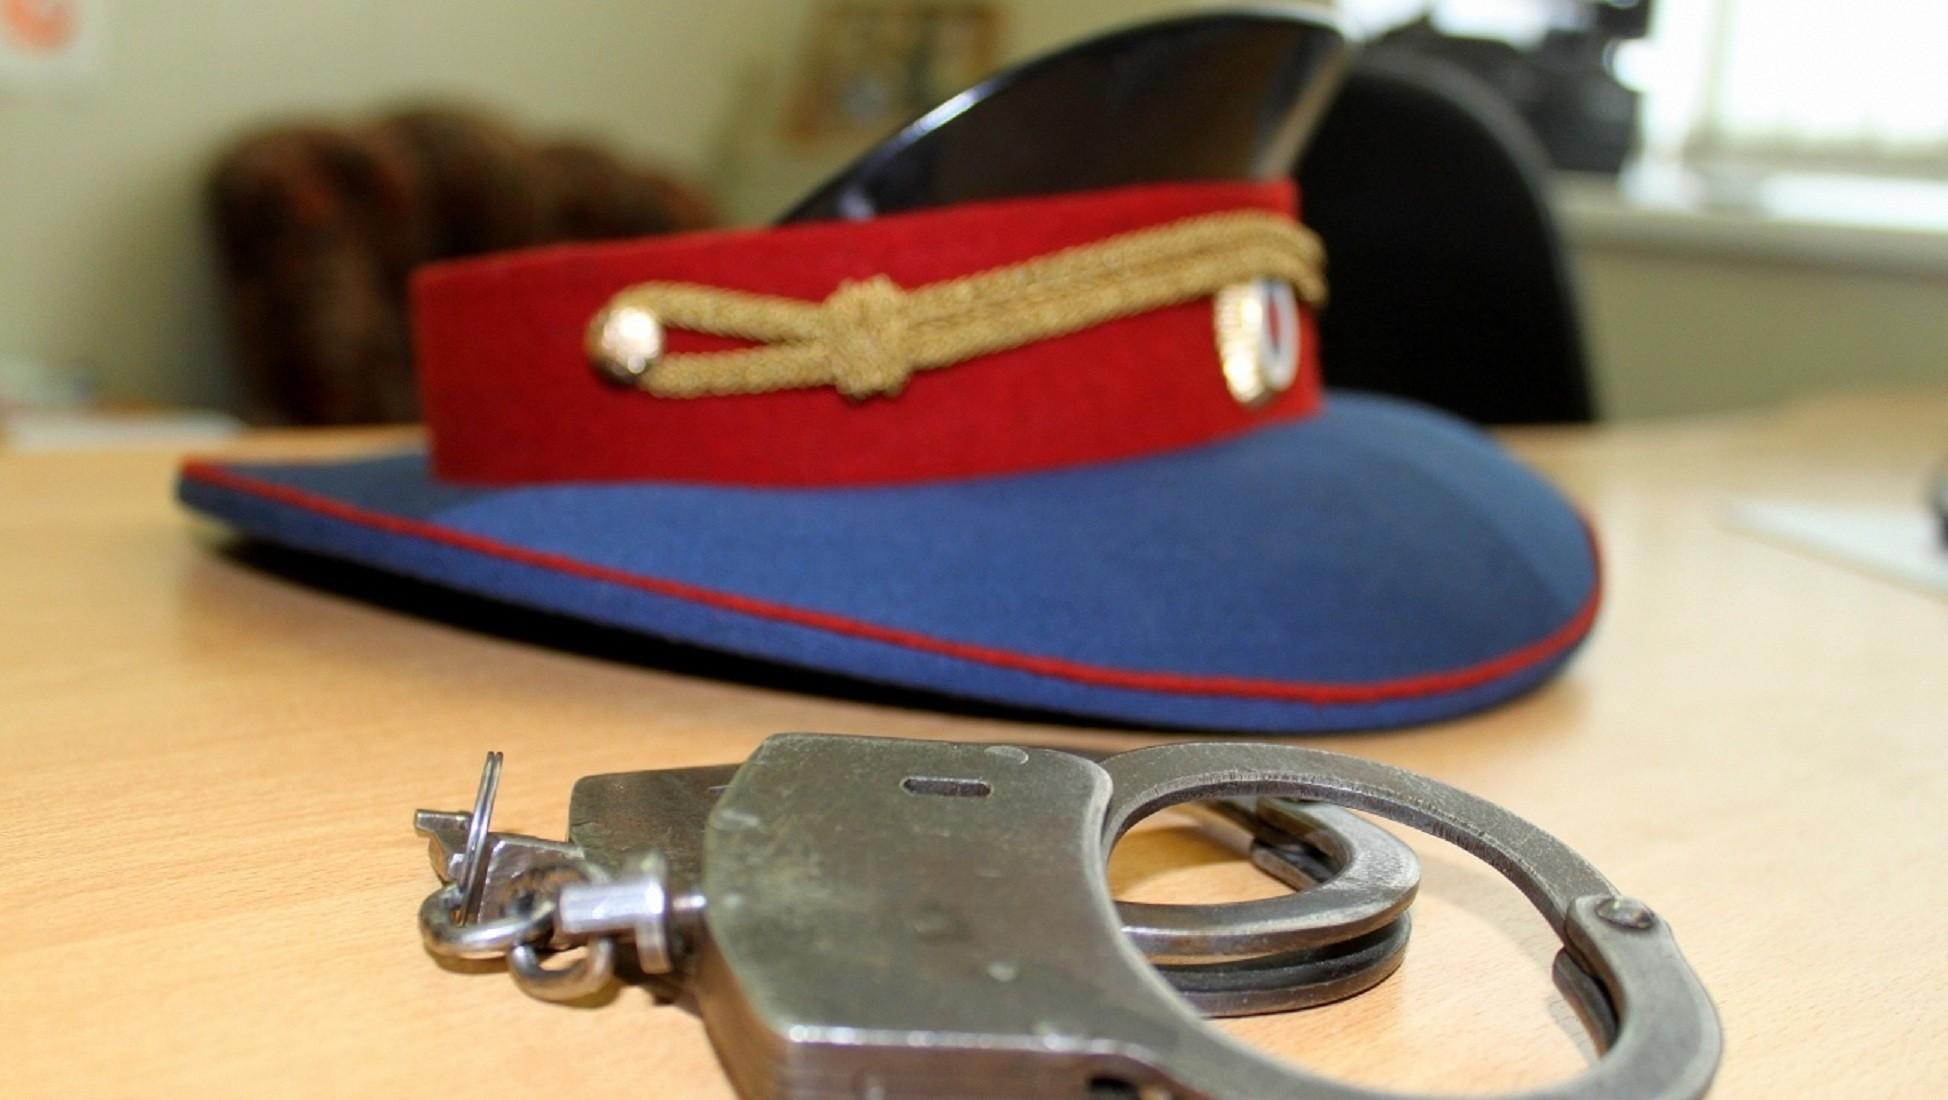 В Адыгее ушло в суд дело сотрудника МВД о злоупотреблении полномочиями